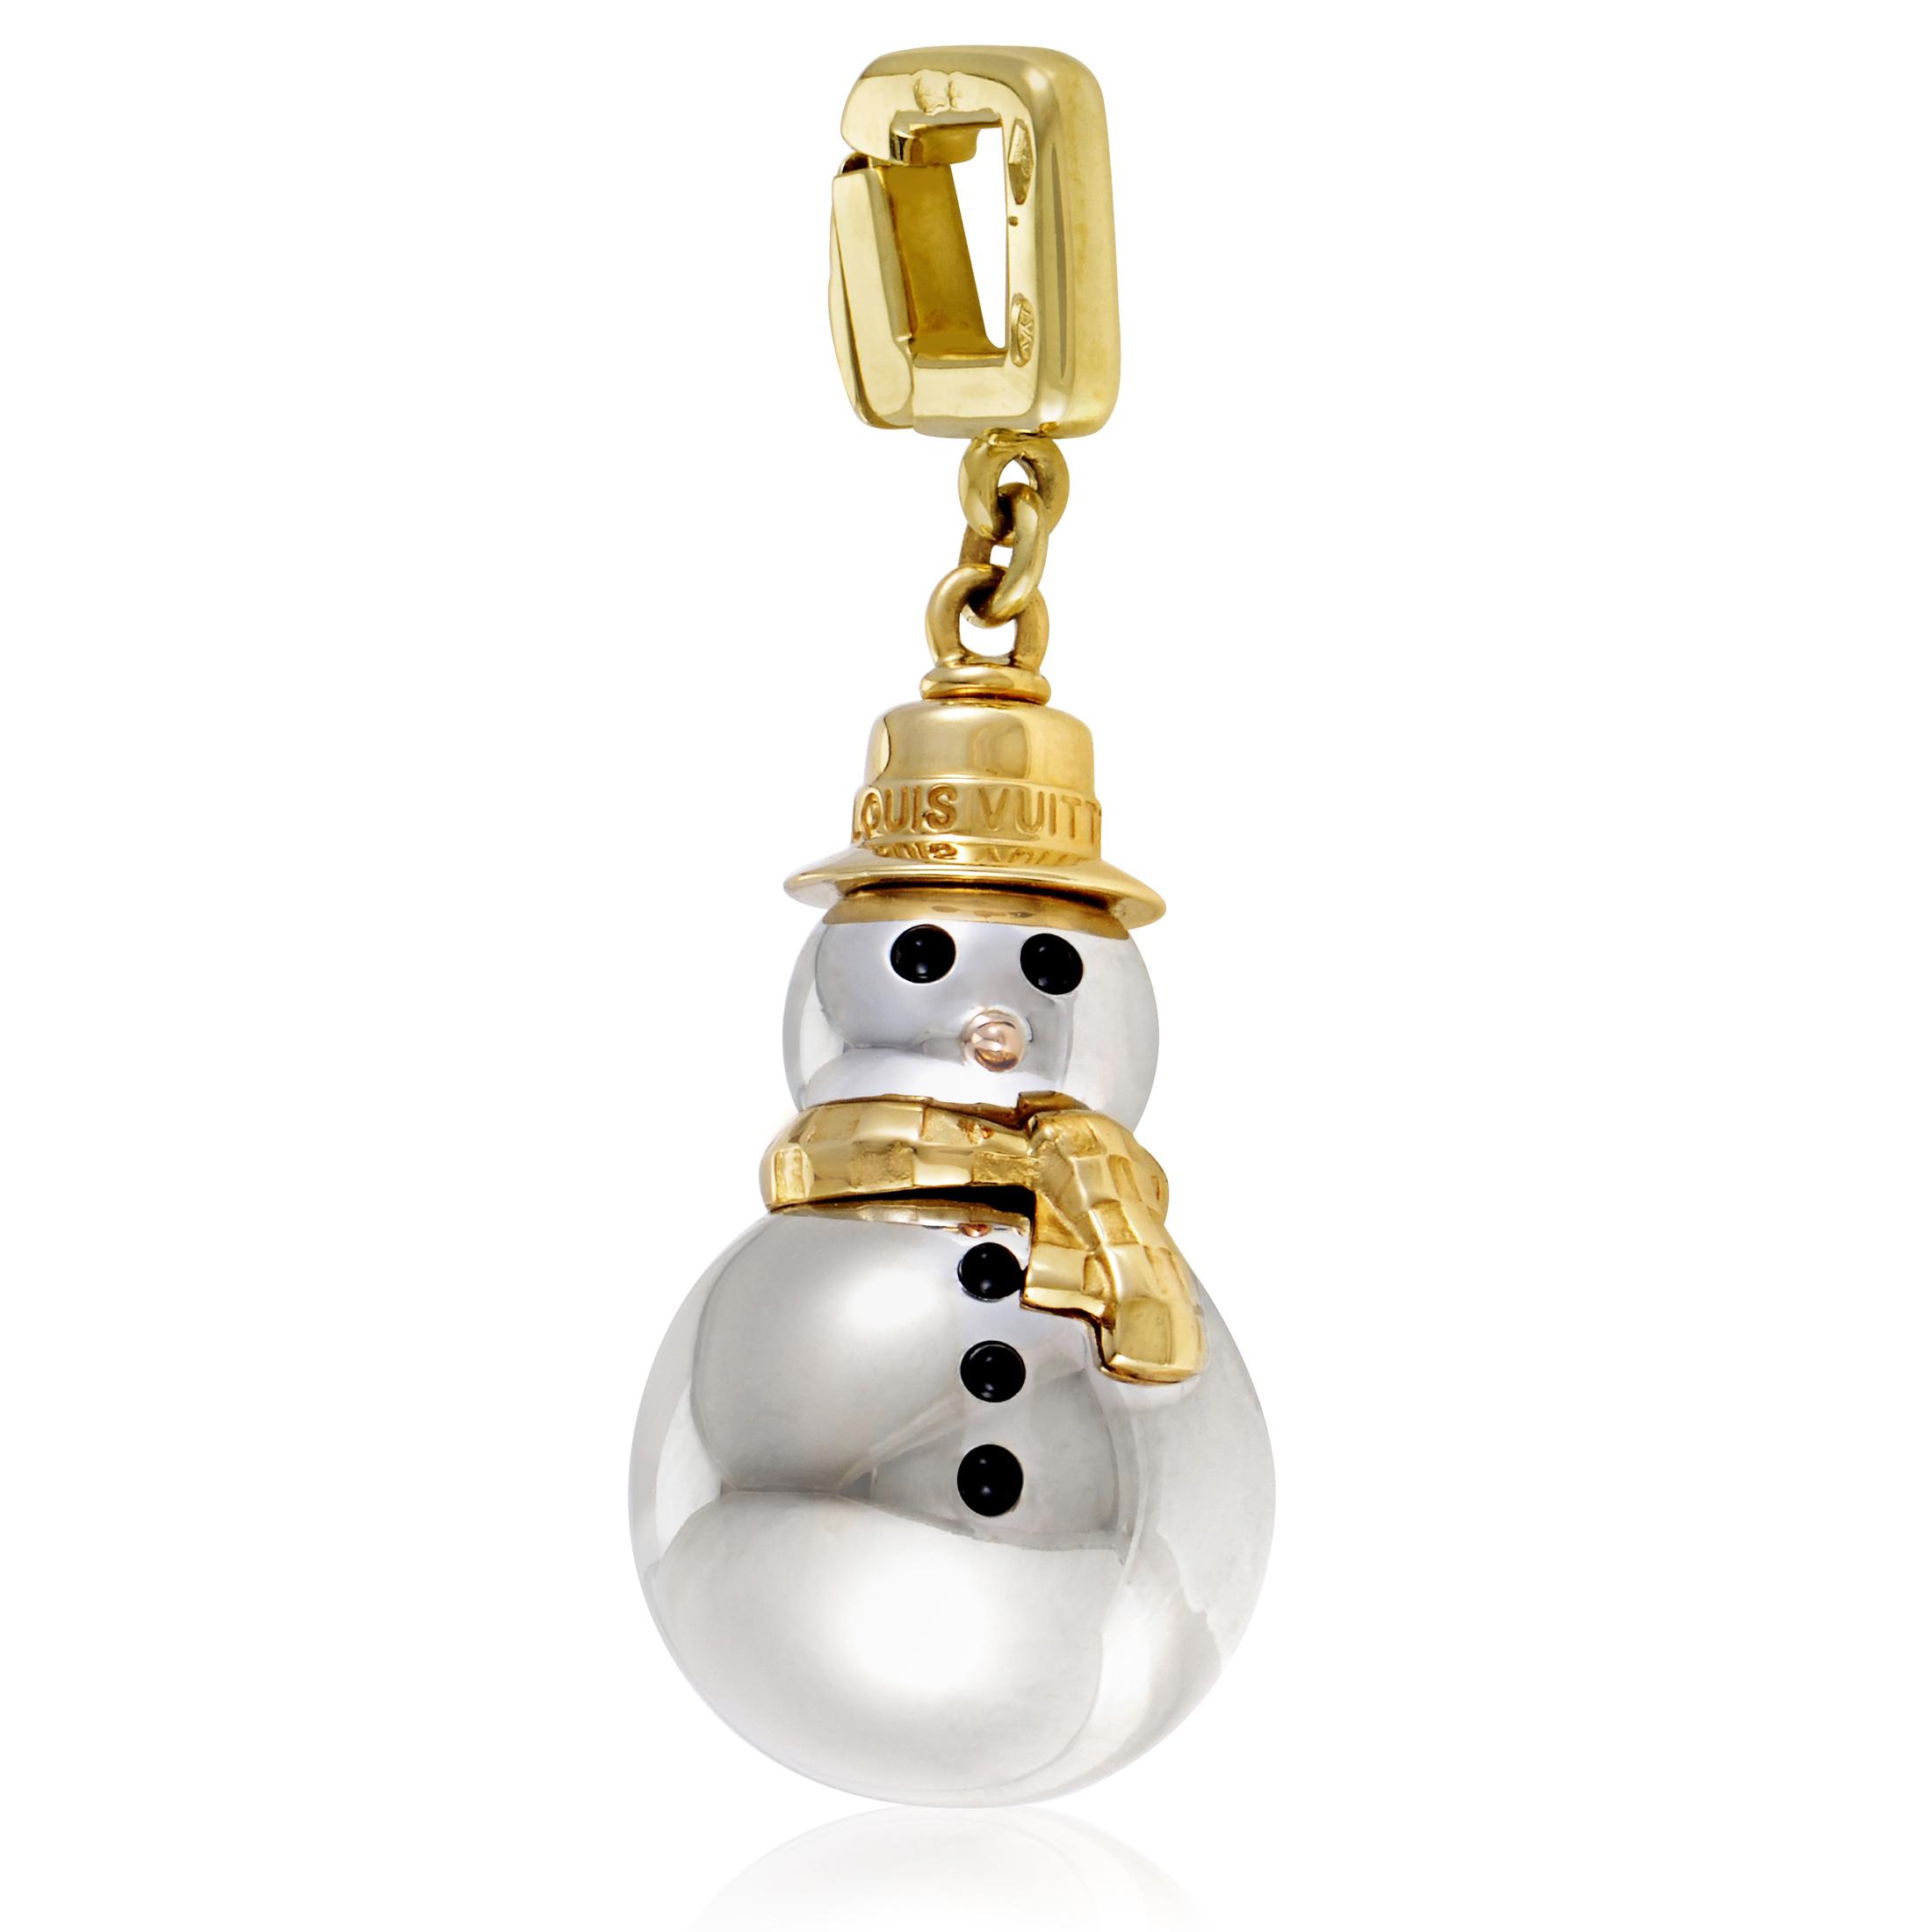 Louis Vuitton 18K Multi-Tone Gold & Onyx Snowman Charm